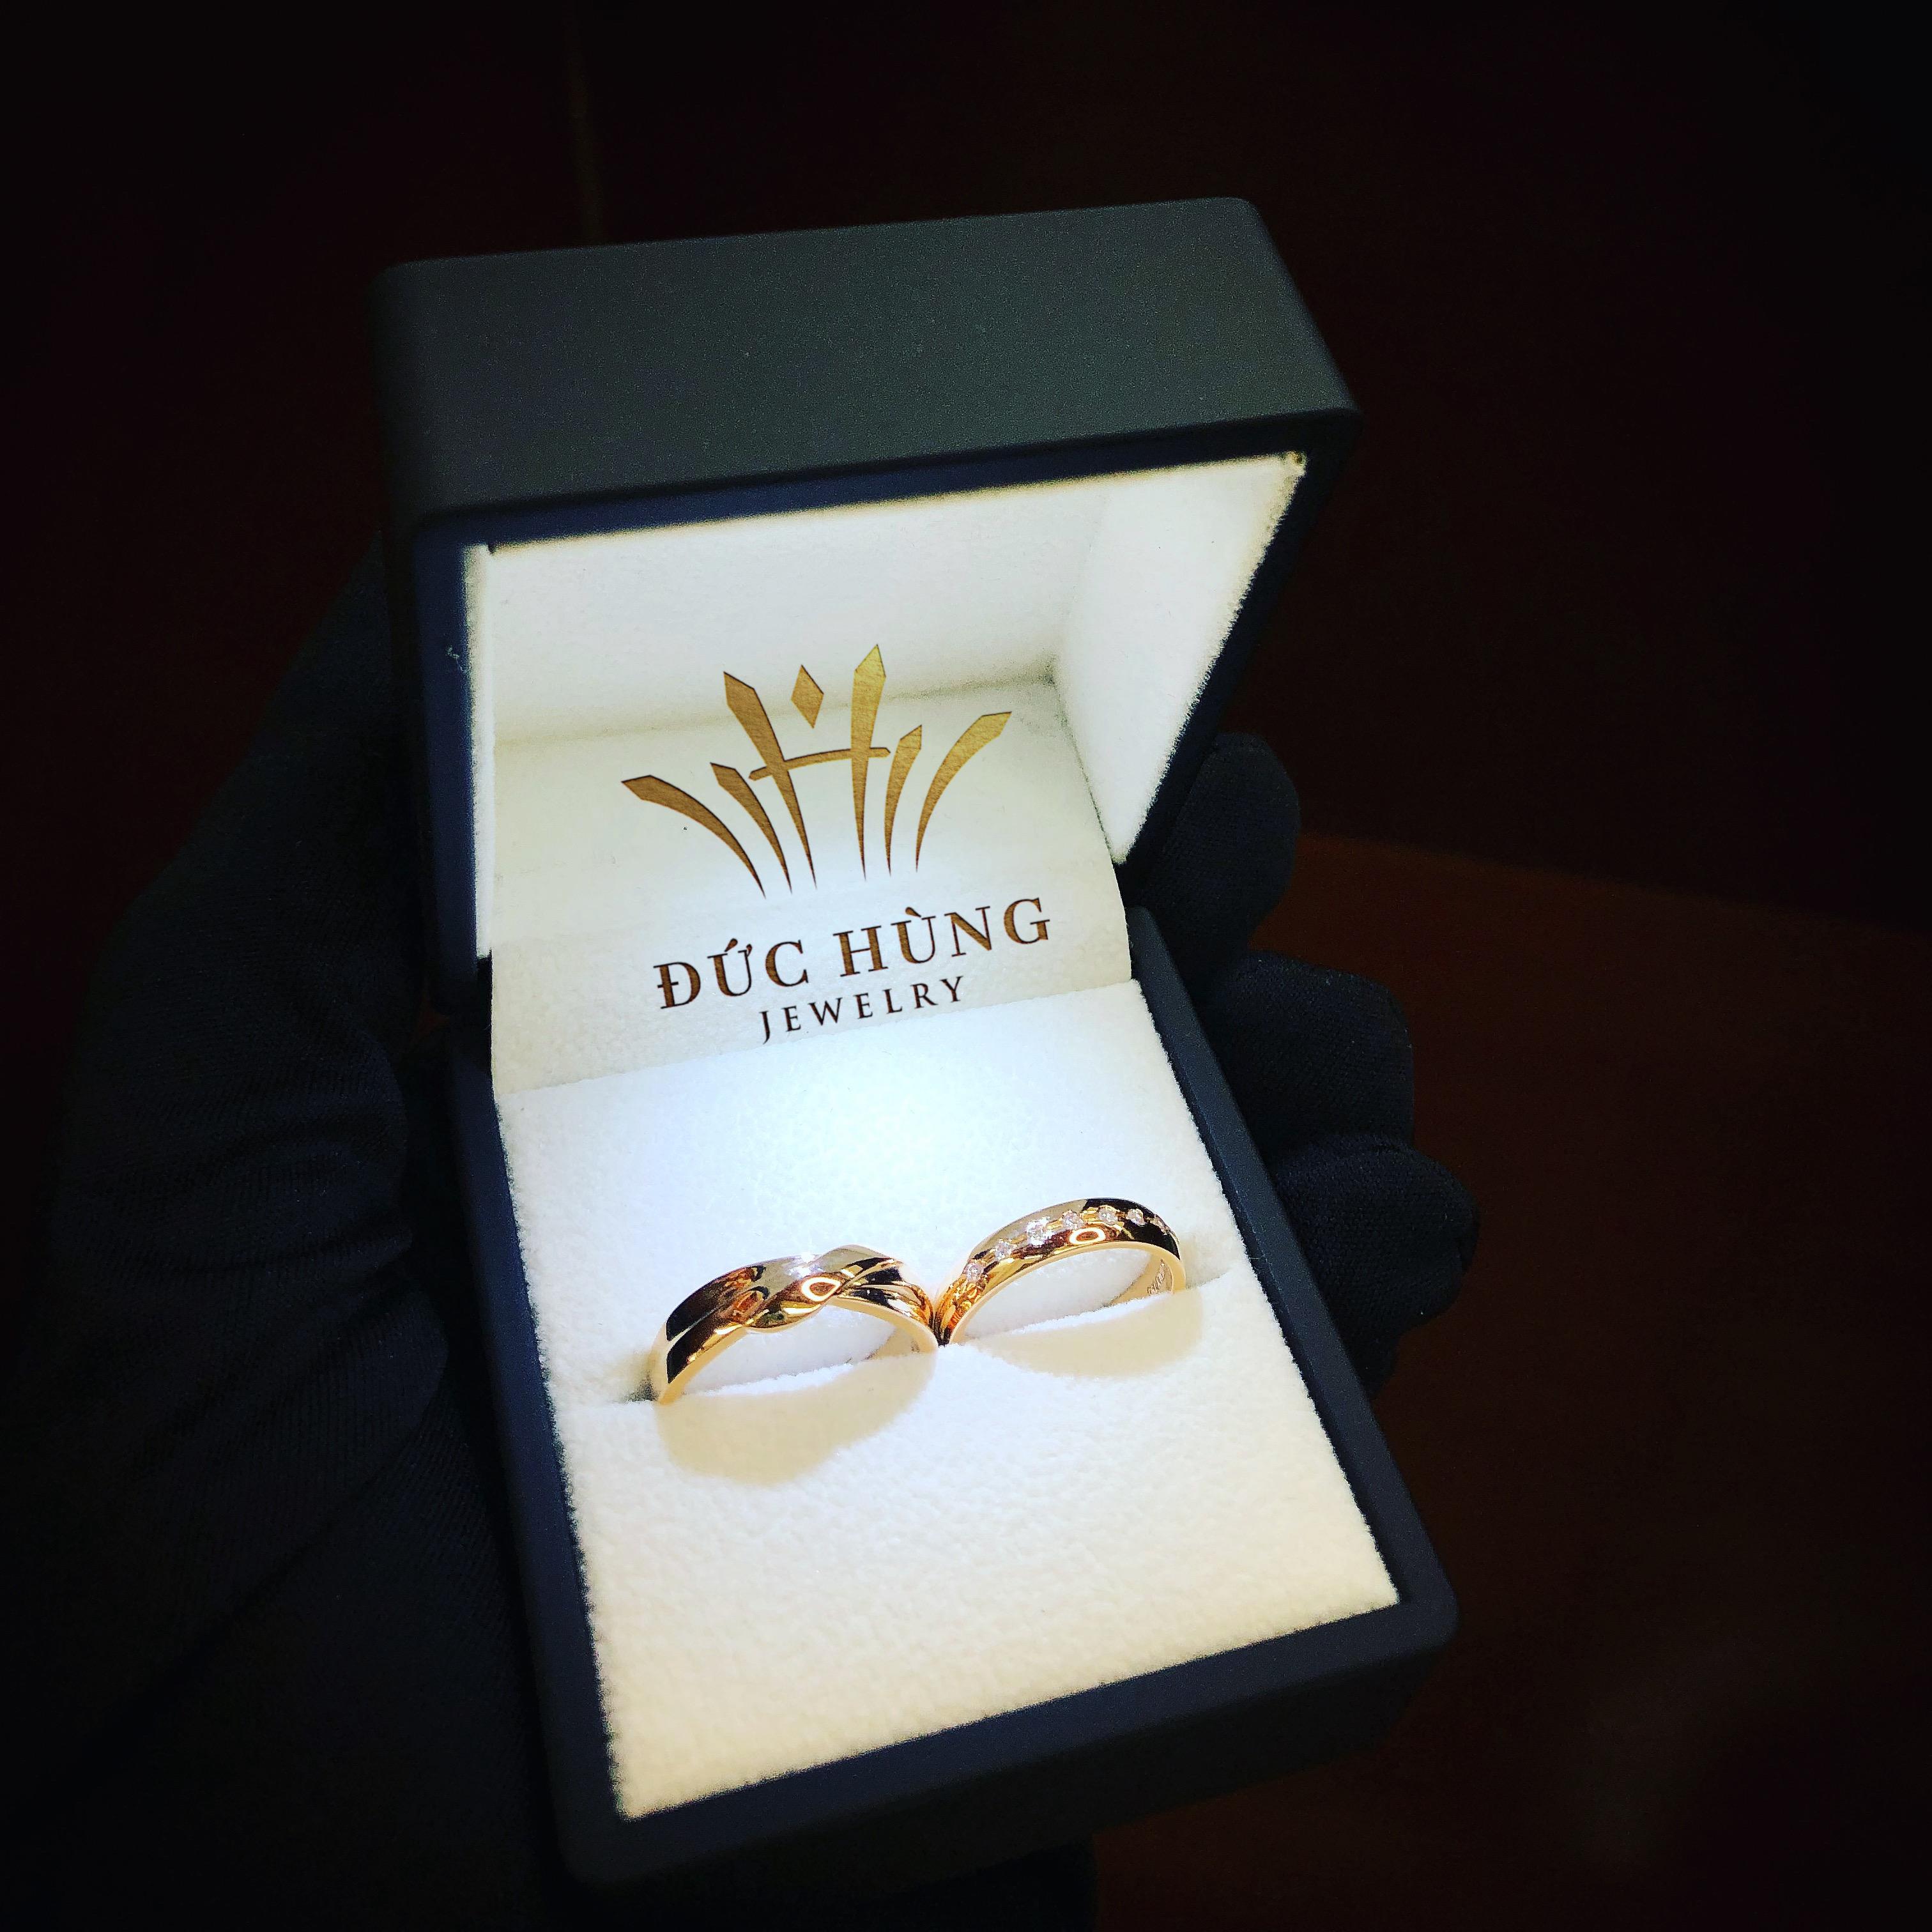 Những cặp nhẫn cưới đẹp nhất năm 2019 mà bạn không thể bỏ lỡ